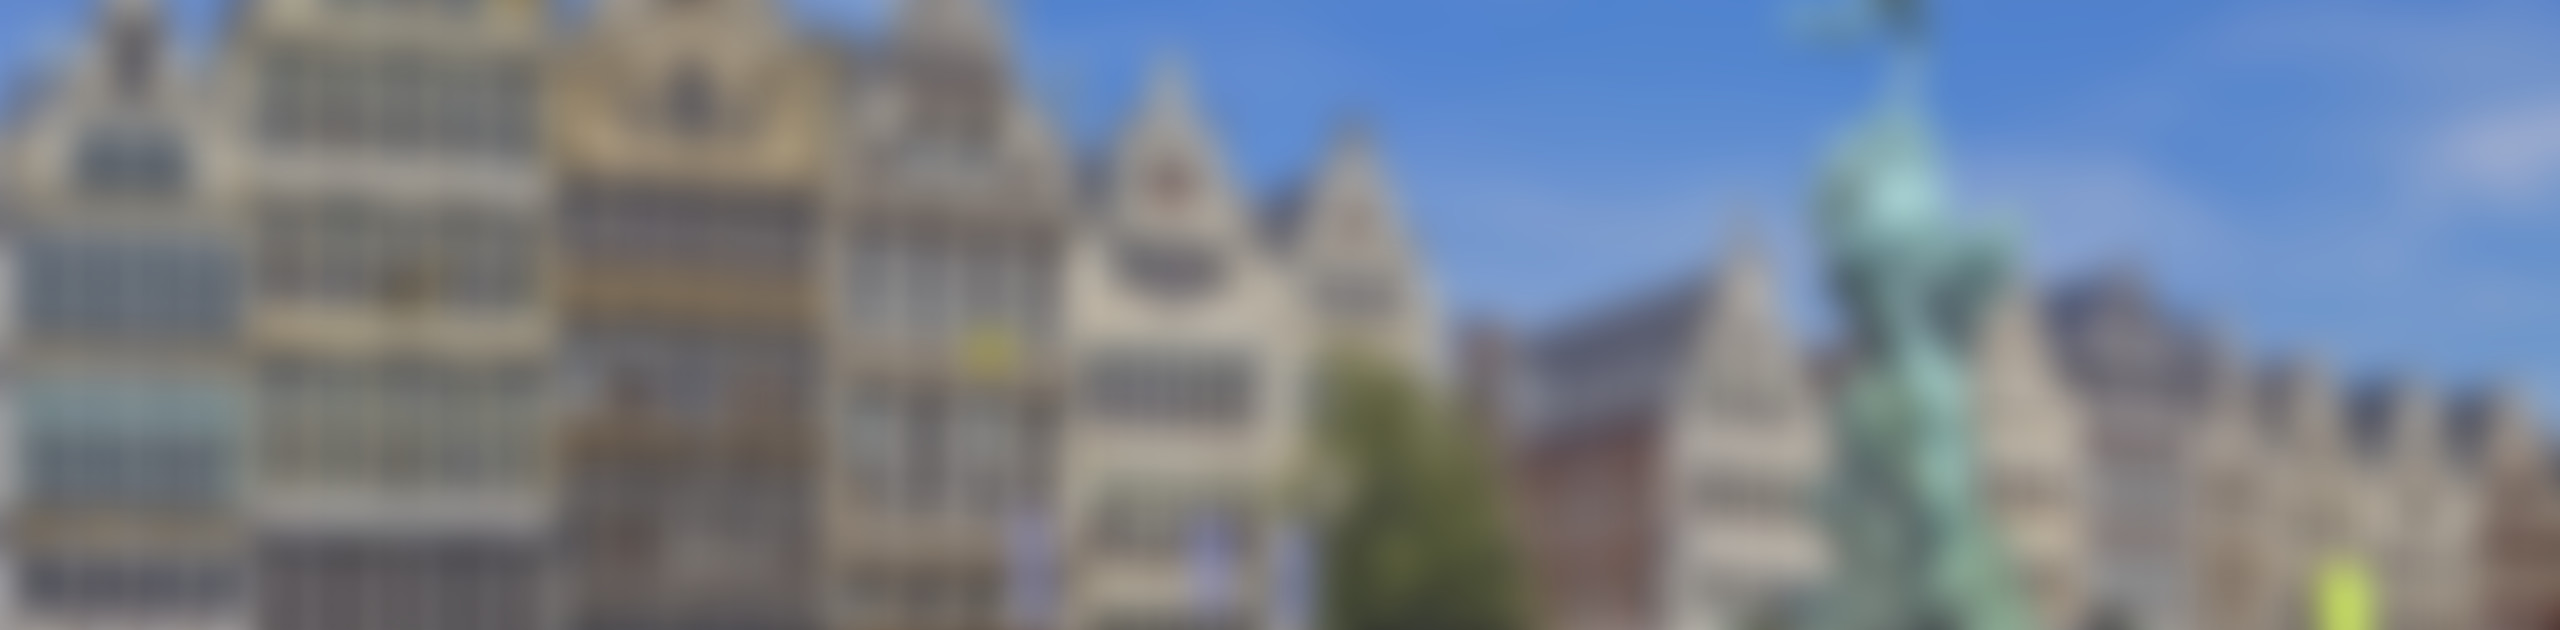 SDN Belgium (building)